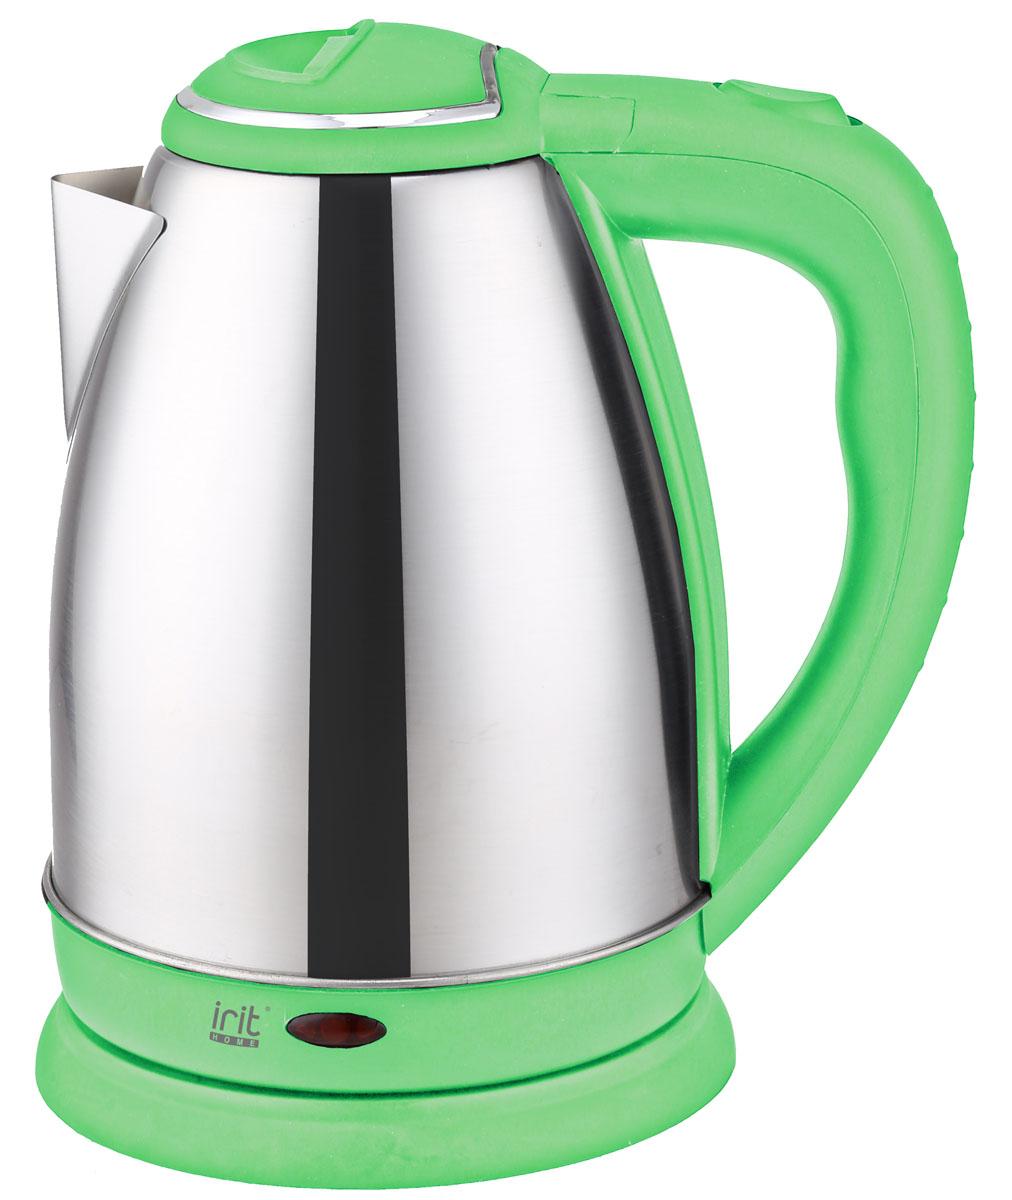 Irit IR-1337, Green электрический чайник irit ir 1320 электрический чайник